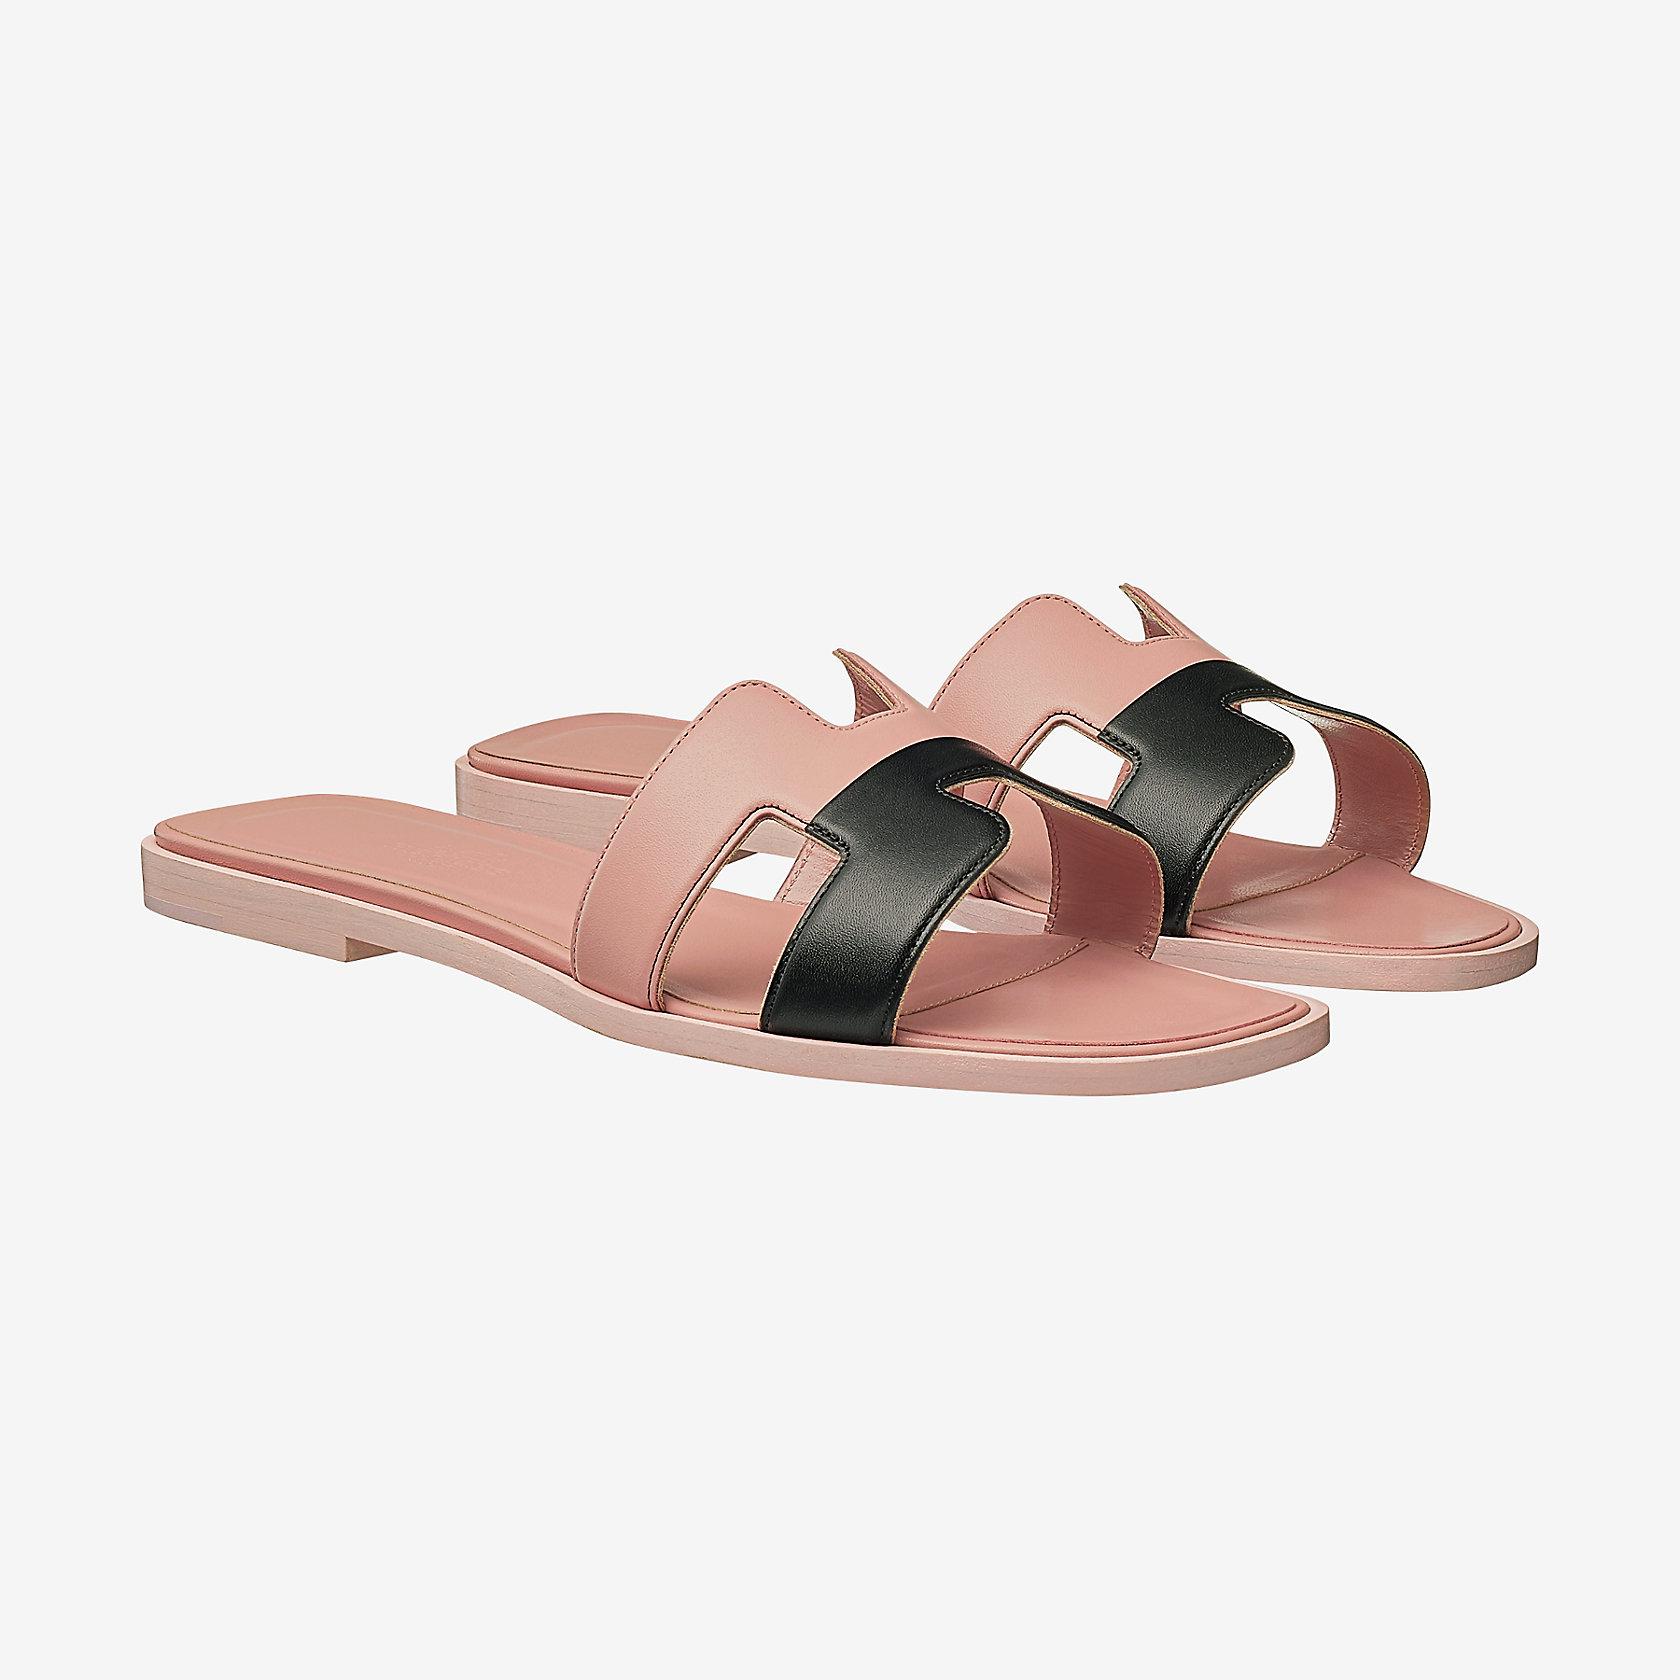 412458a62c4ece Oran sandal